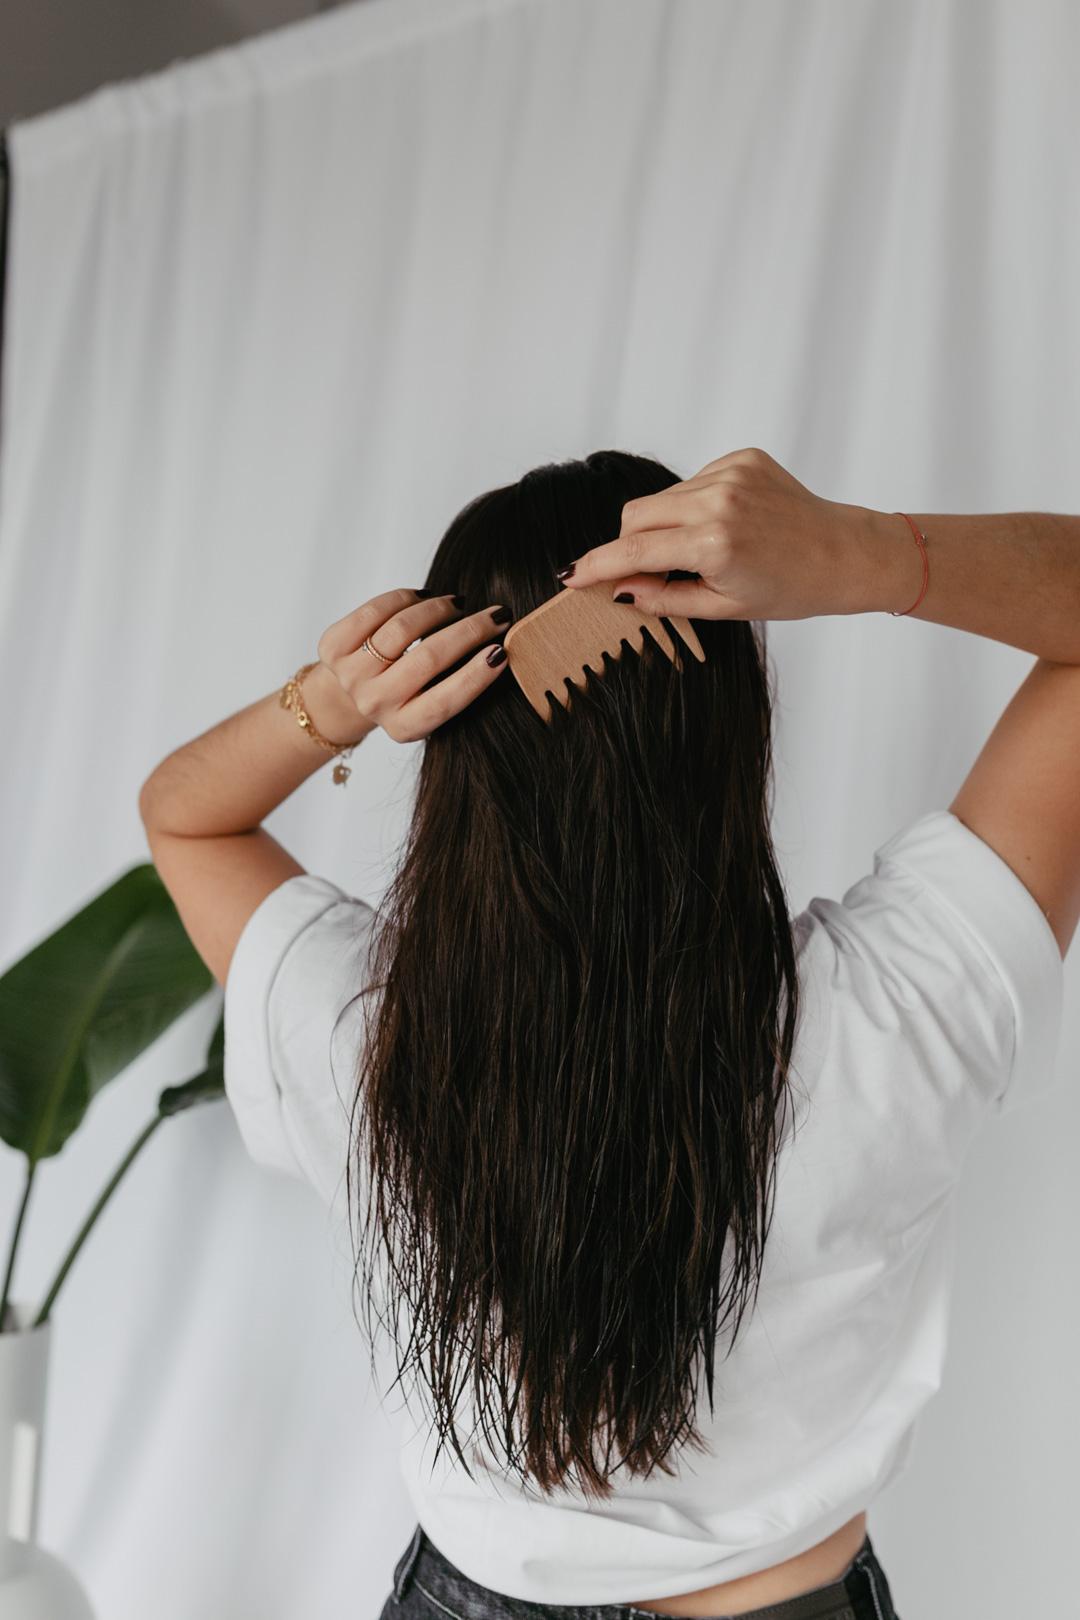 Seit einigen Jahren versuche ich weniger Plastik im Badezimmer anzuhäufen. Besonders effektiv gelingt das bei Haarprodukten, da benutze ich seit fast 2 Jahren ausschließlich festes Shampoo, Duschseifen und seit Neuestem auch festen Conditioner. Meine Erfahrungen mit den festen Seifen teile ich auf www.piecesofmariposa.com mit euch.